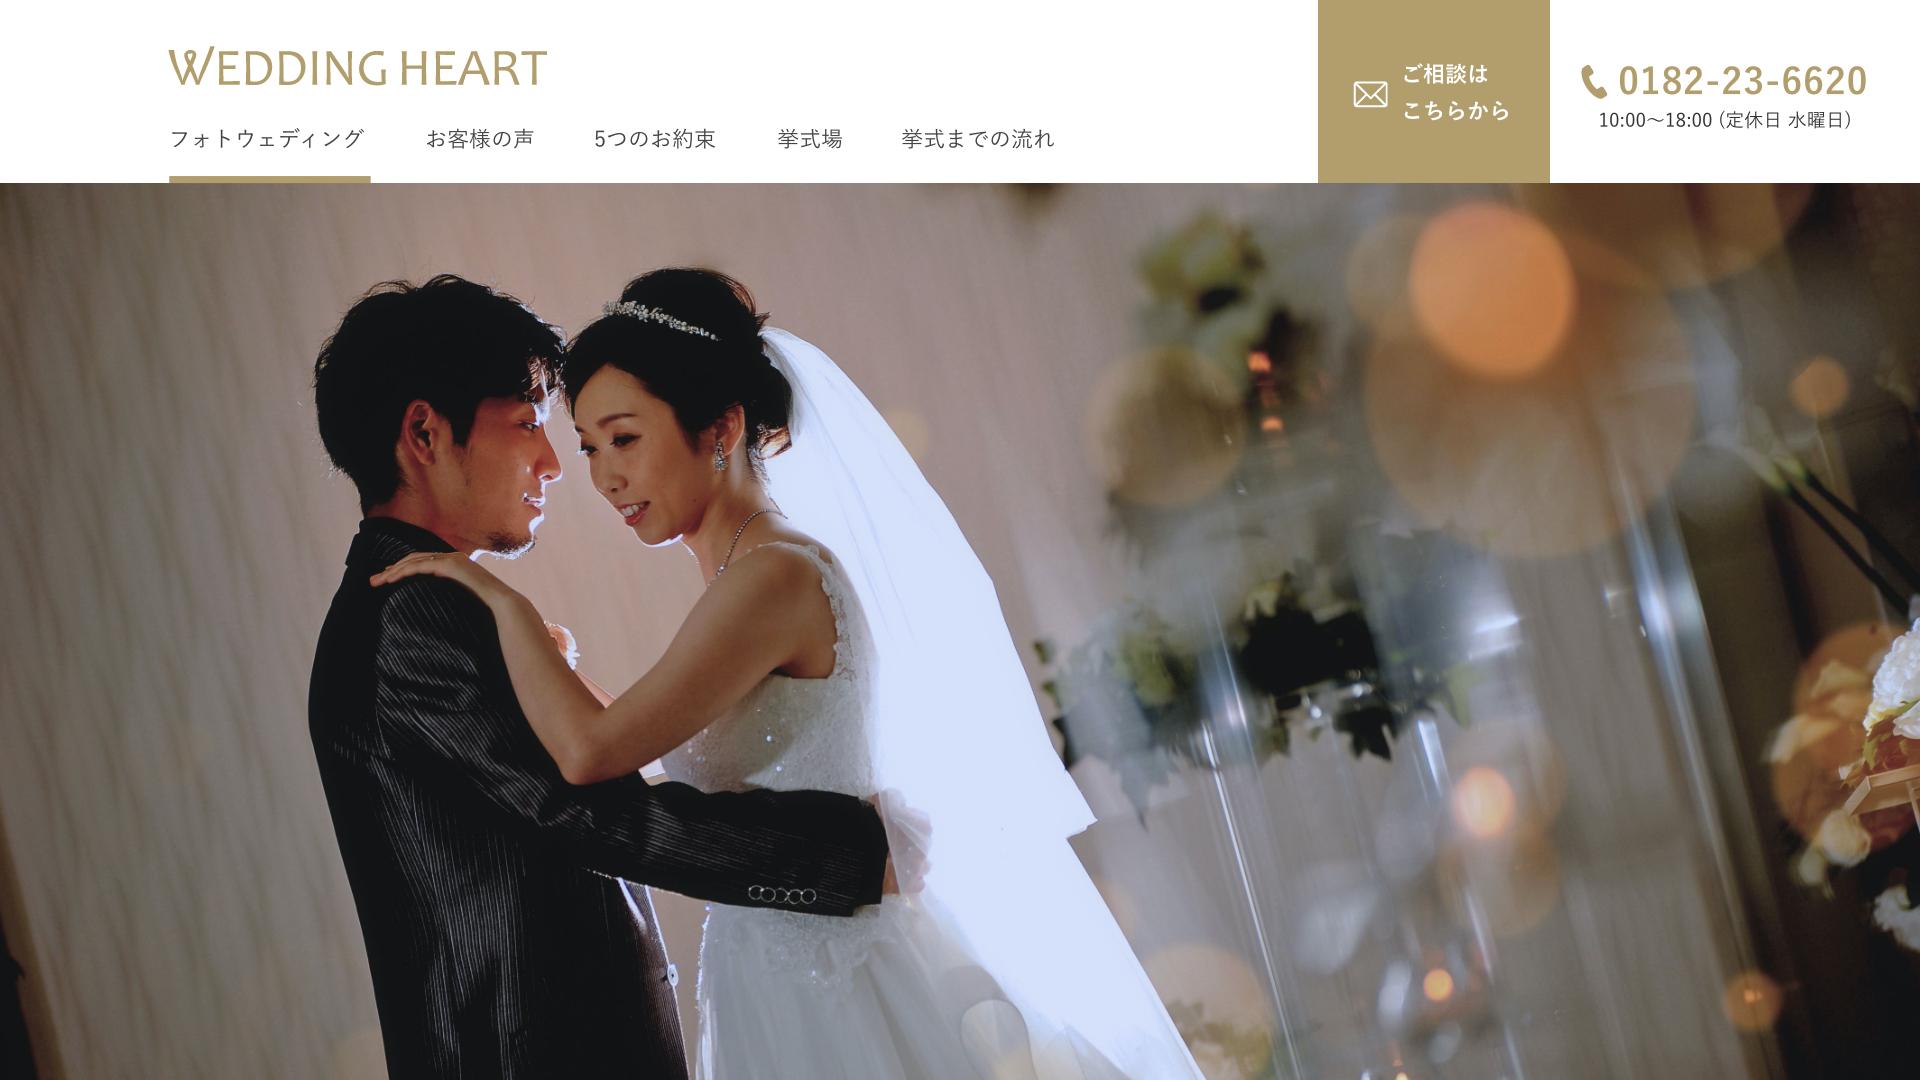 WEDDING HEART様のサイトイメージ